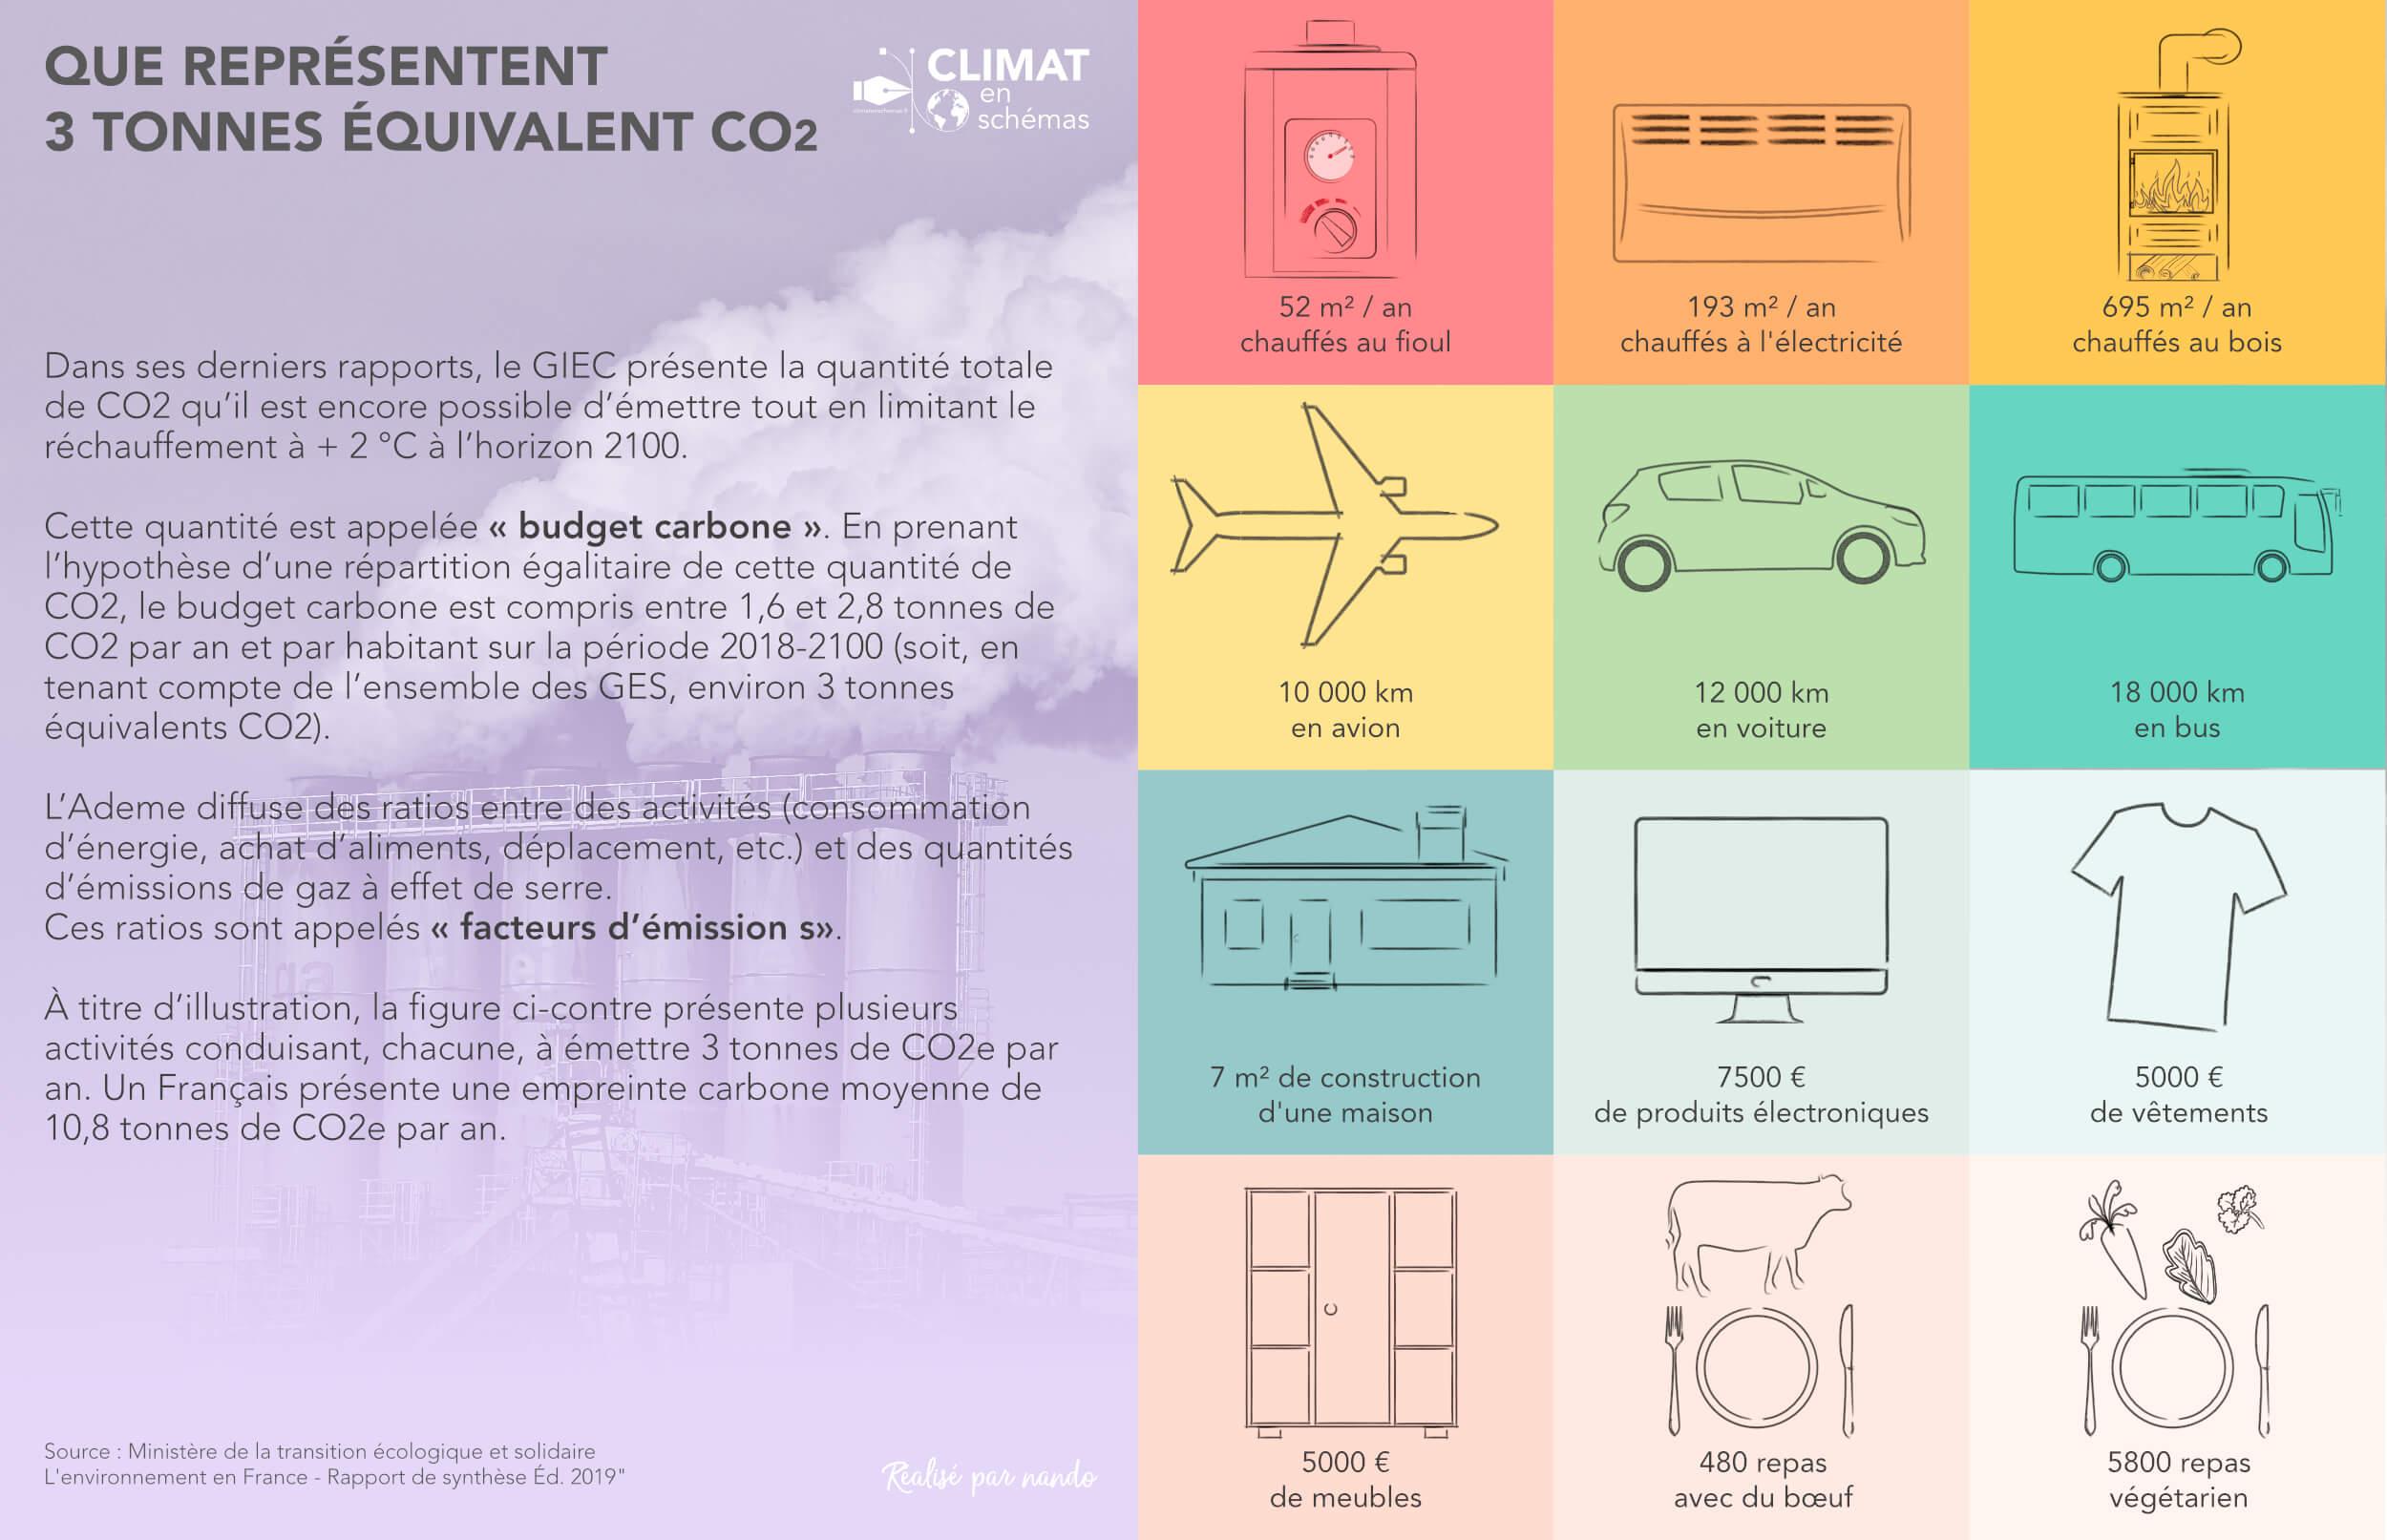 Que représentent 3 tonnes équivalent CO2 ?